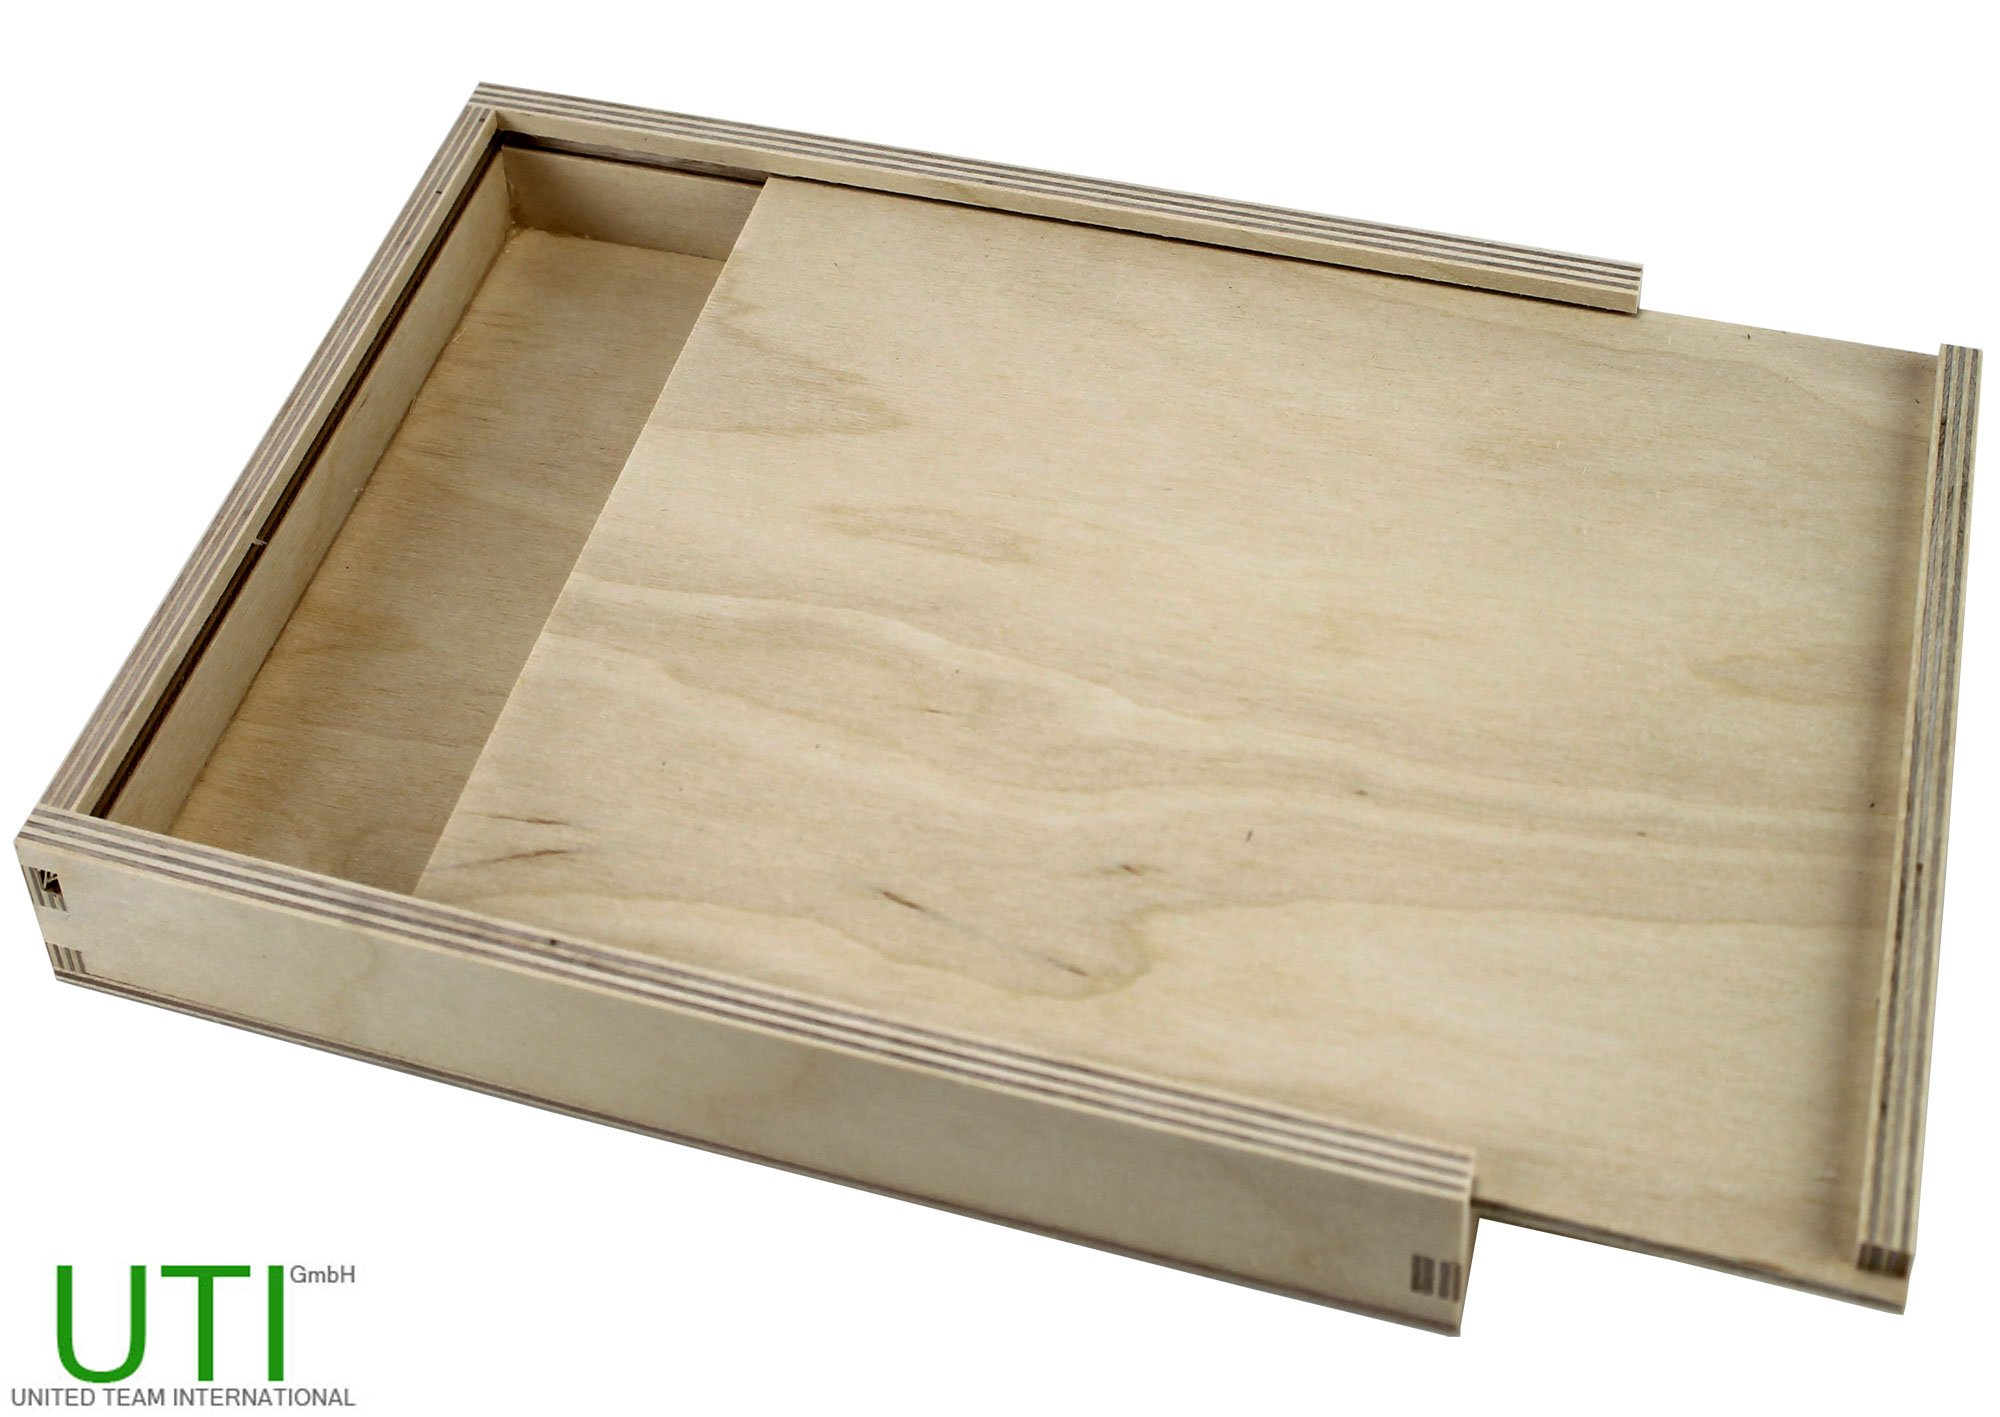 contrachapado Caja con tapa deslizante – Caja de madera caja joyero caja joyero: Amazon.es: Hogar